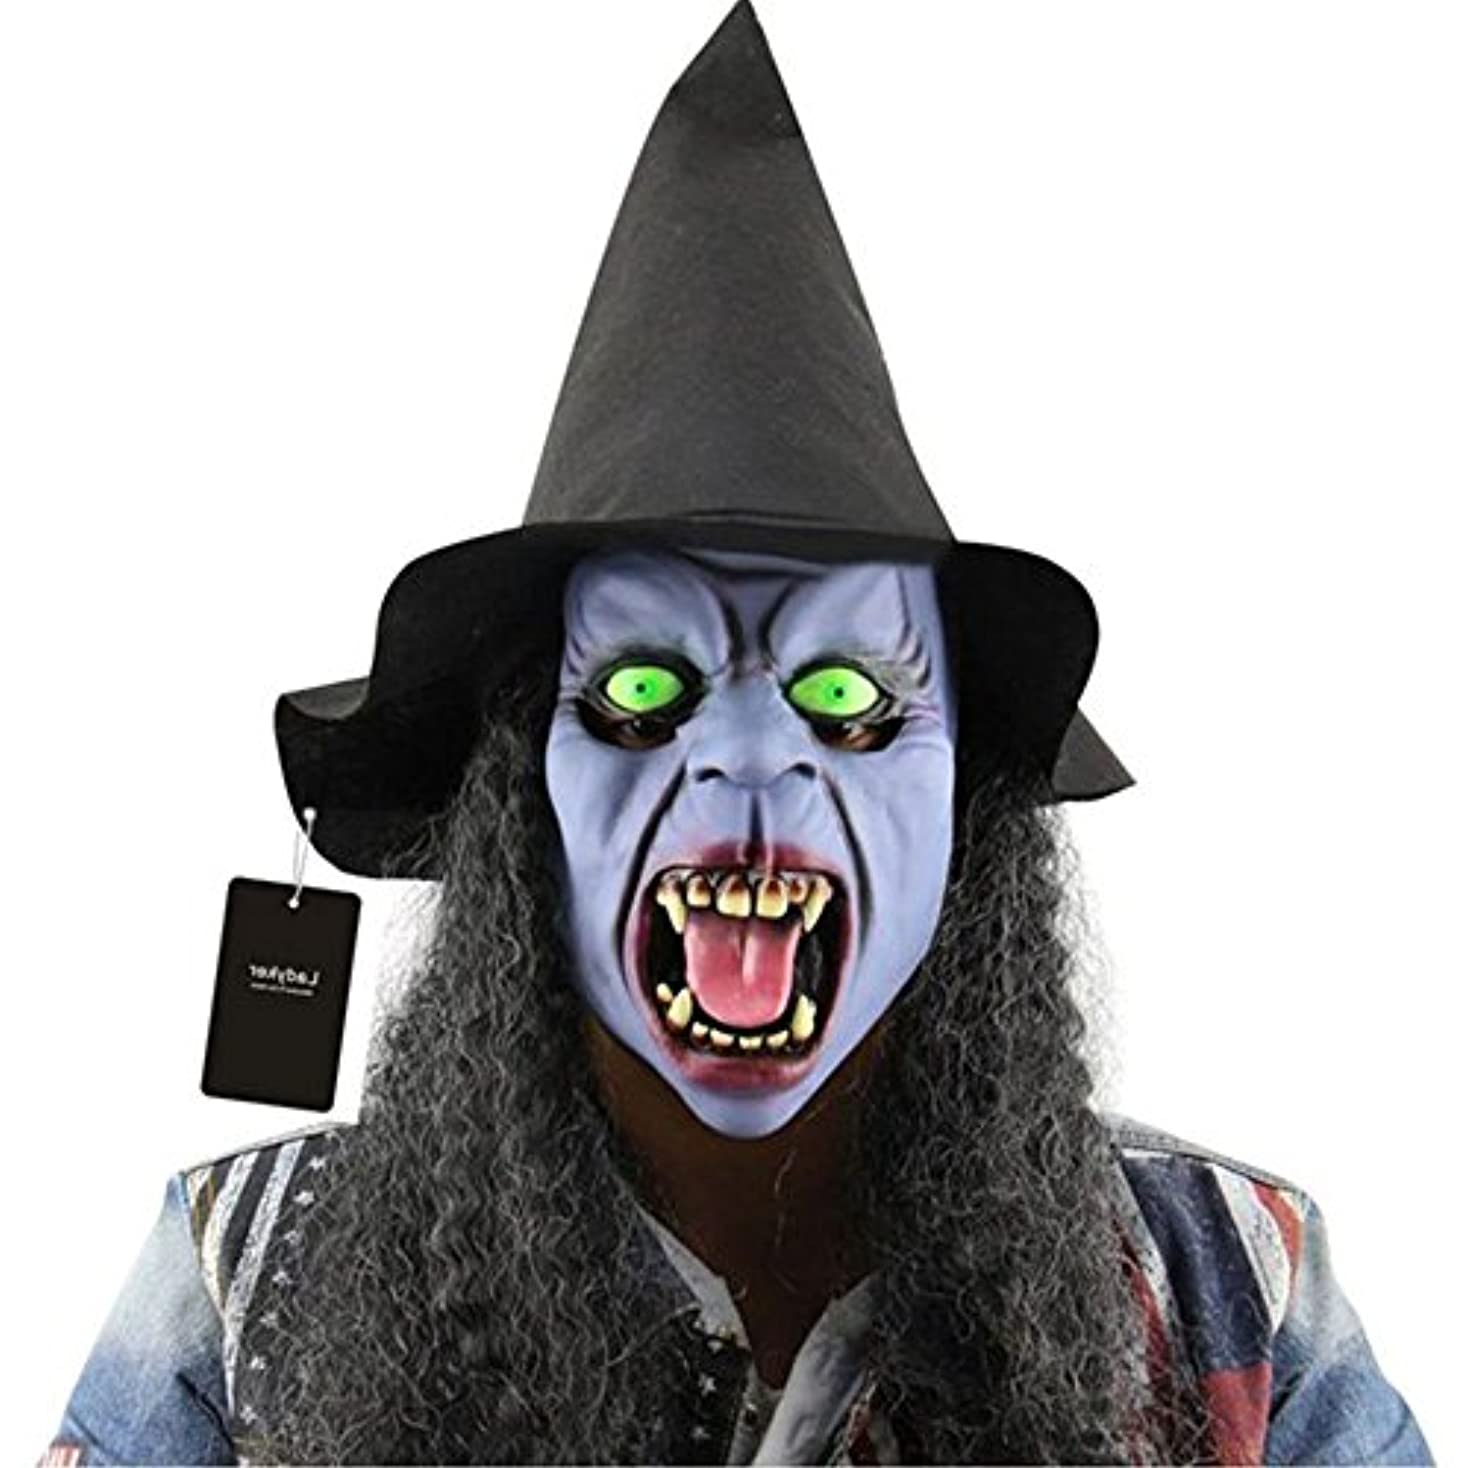 騒合併バックグラウンドAuntwhale ハロウィーンマスク大人恐怖コスチューム、ホラー夜の魔女ファンシーマスカレードパーティハロウィンマスク、フェスティバル通気性ギフトヘッドマスク